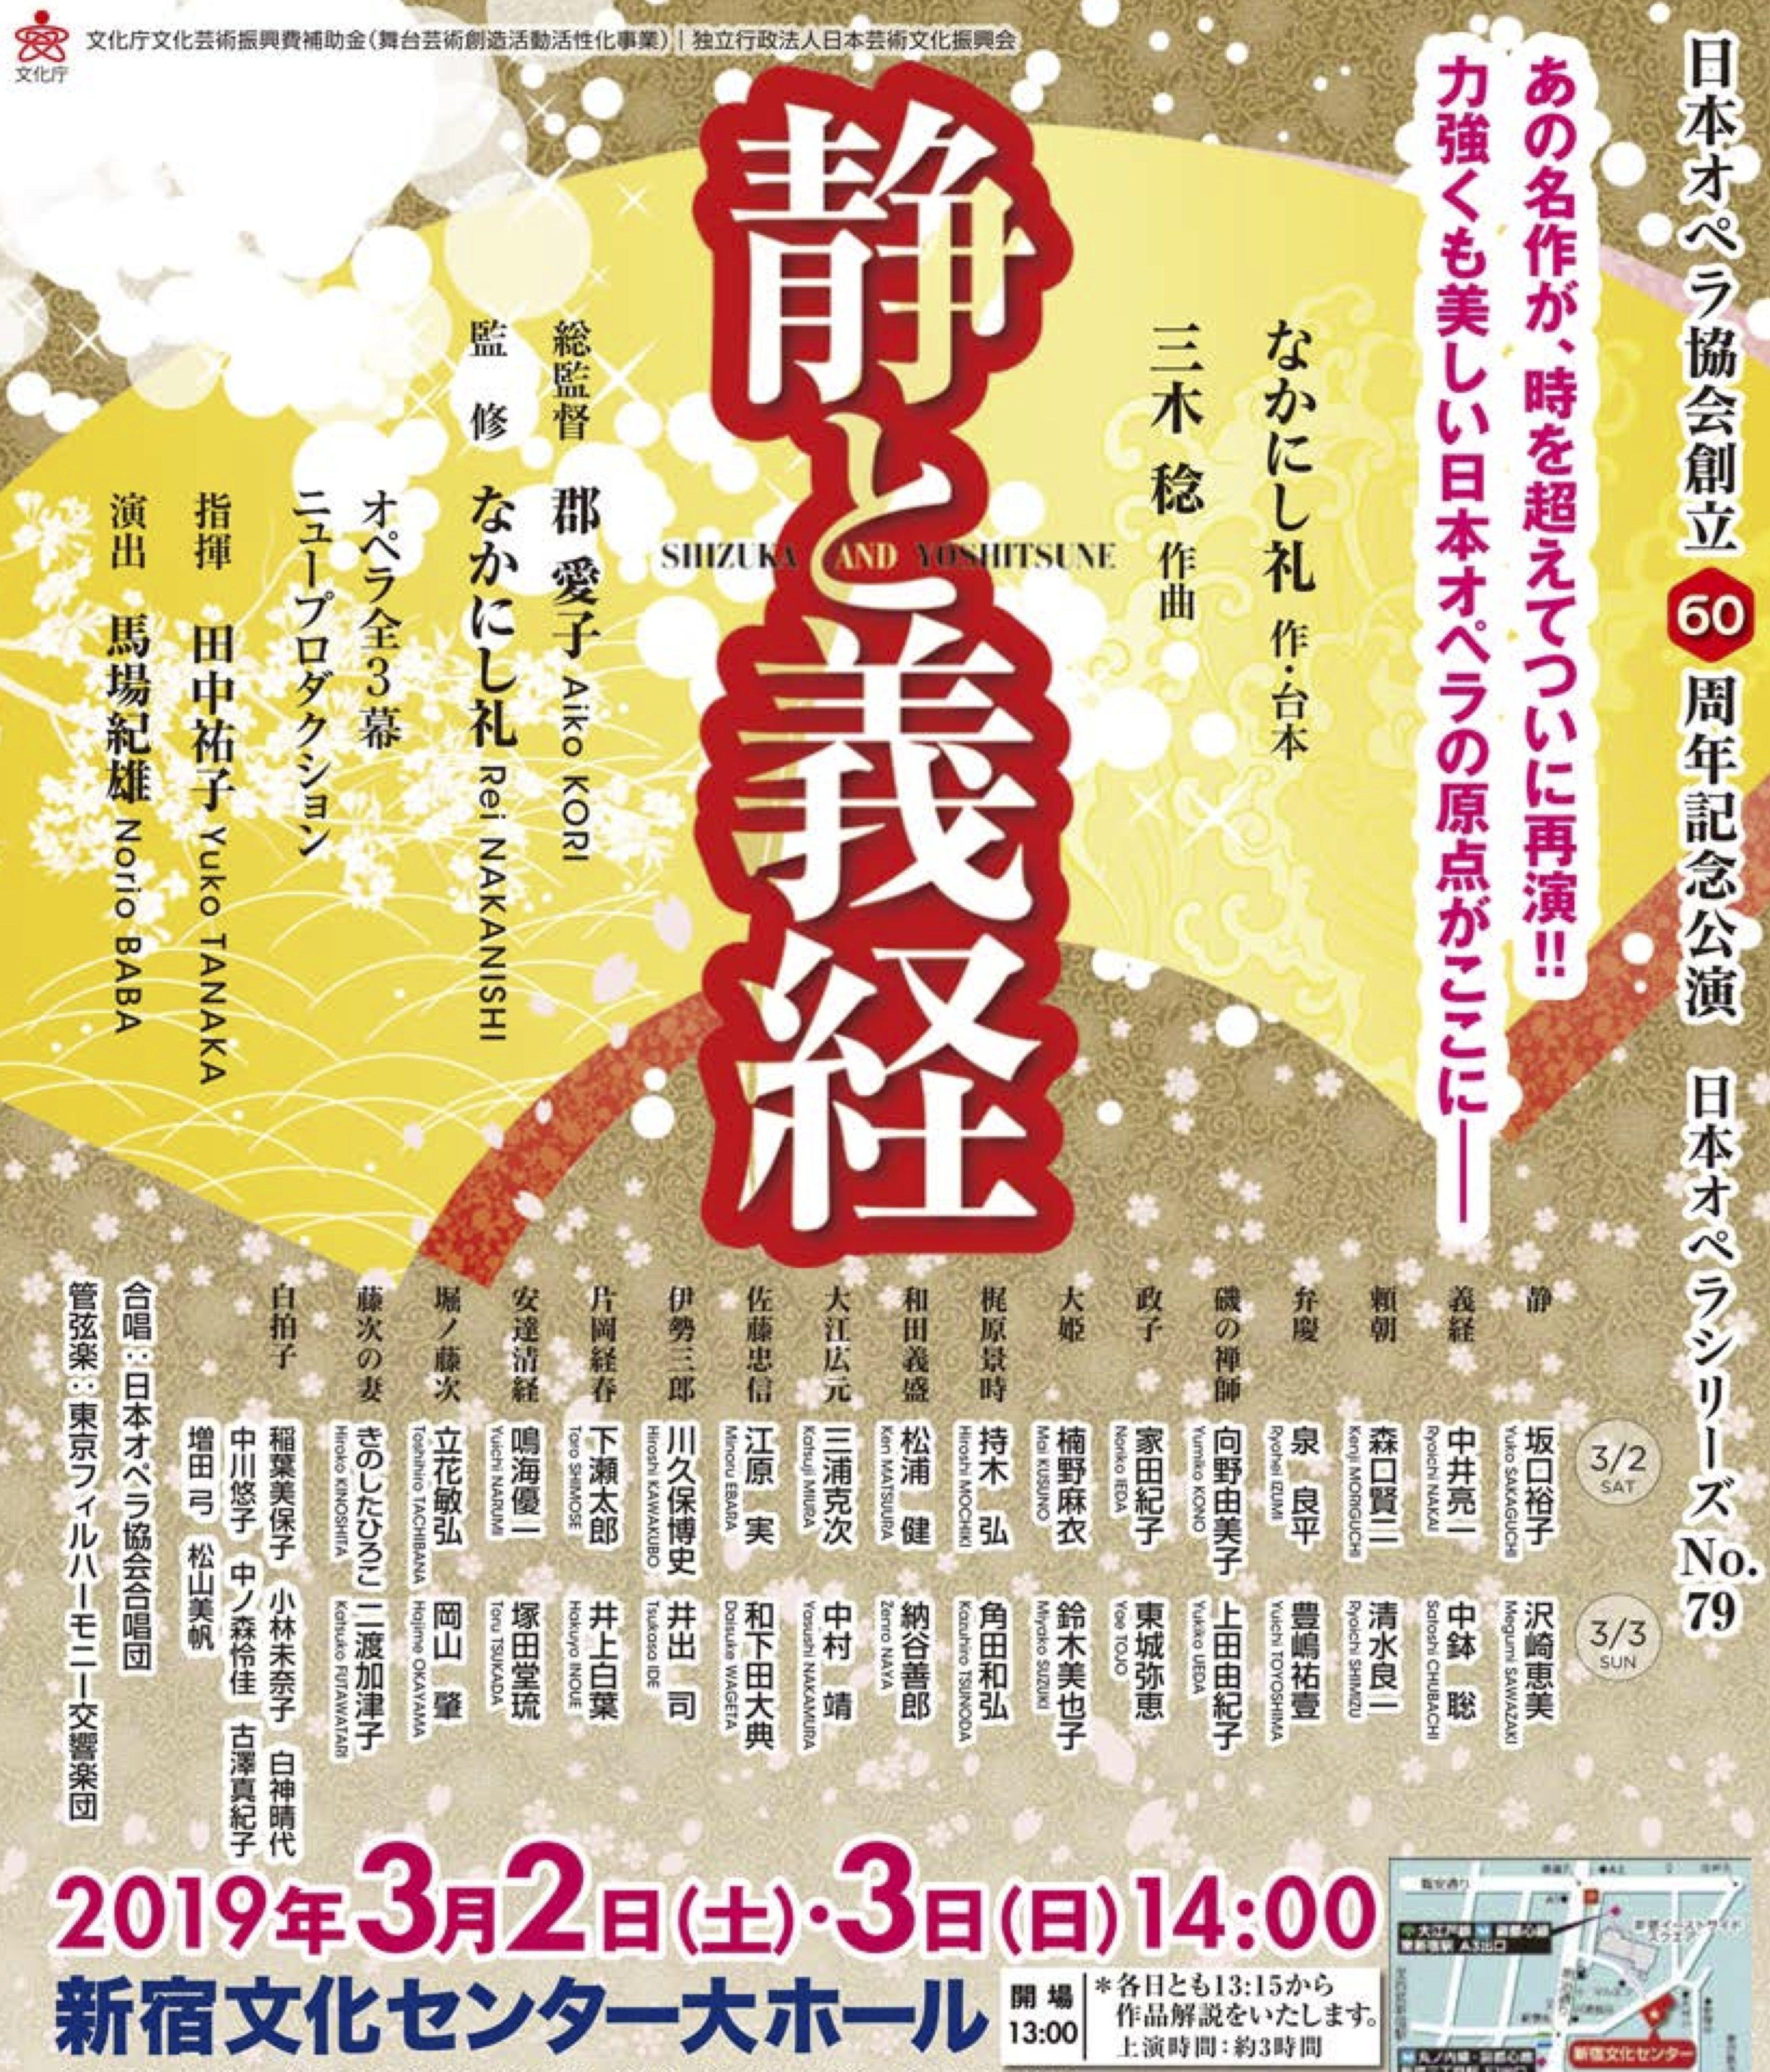 日本オペラ協会創立60周年記念公演「静と義経」東京本校/鳴海優一先生出演!!